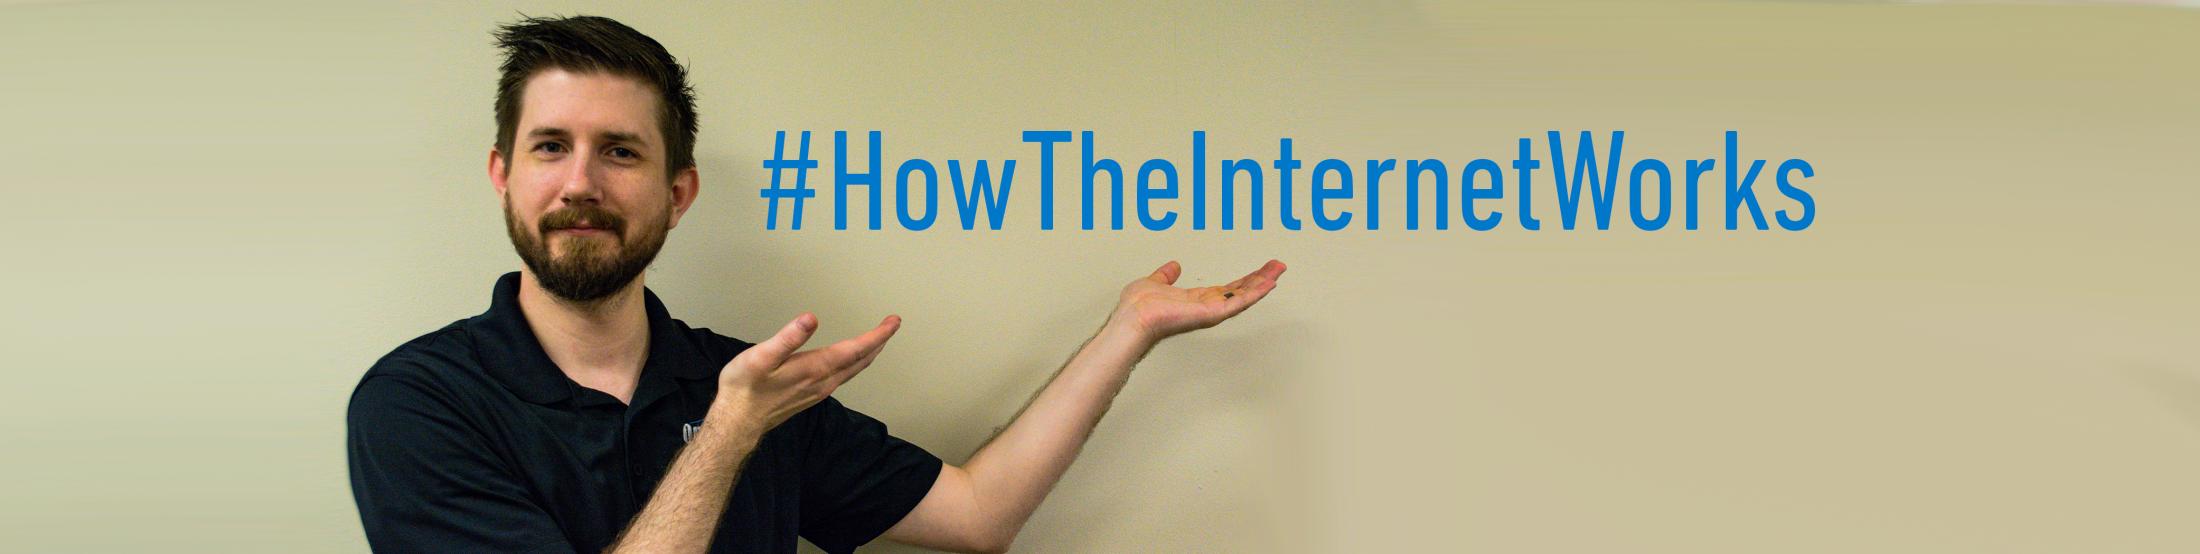 Sky Pettett #HowTheInternetWorks